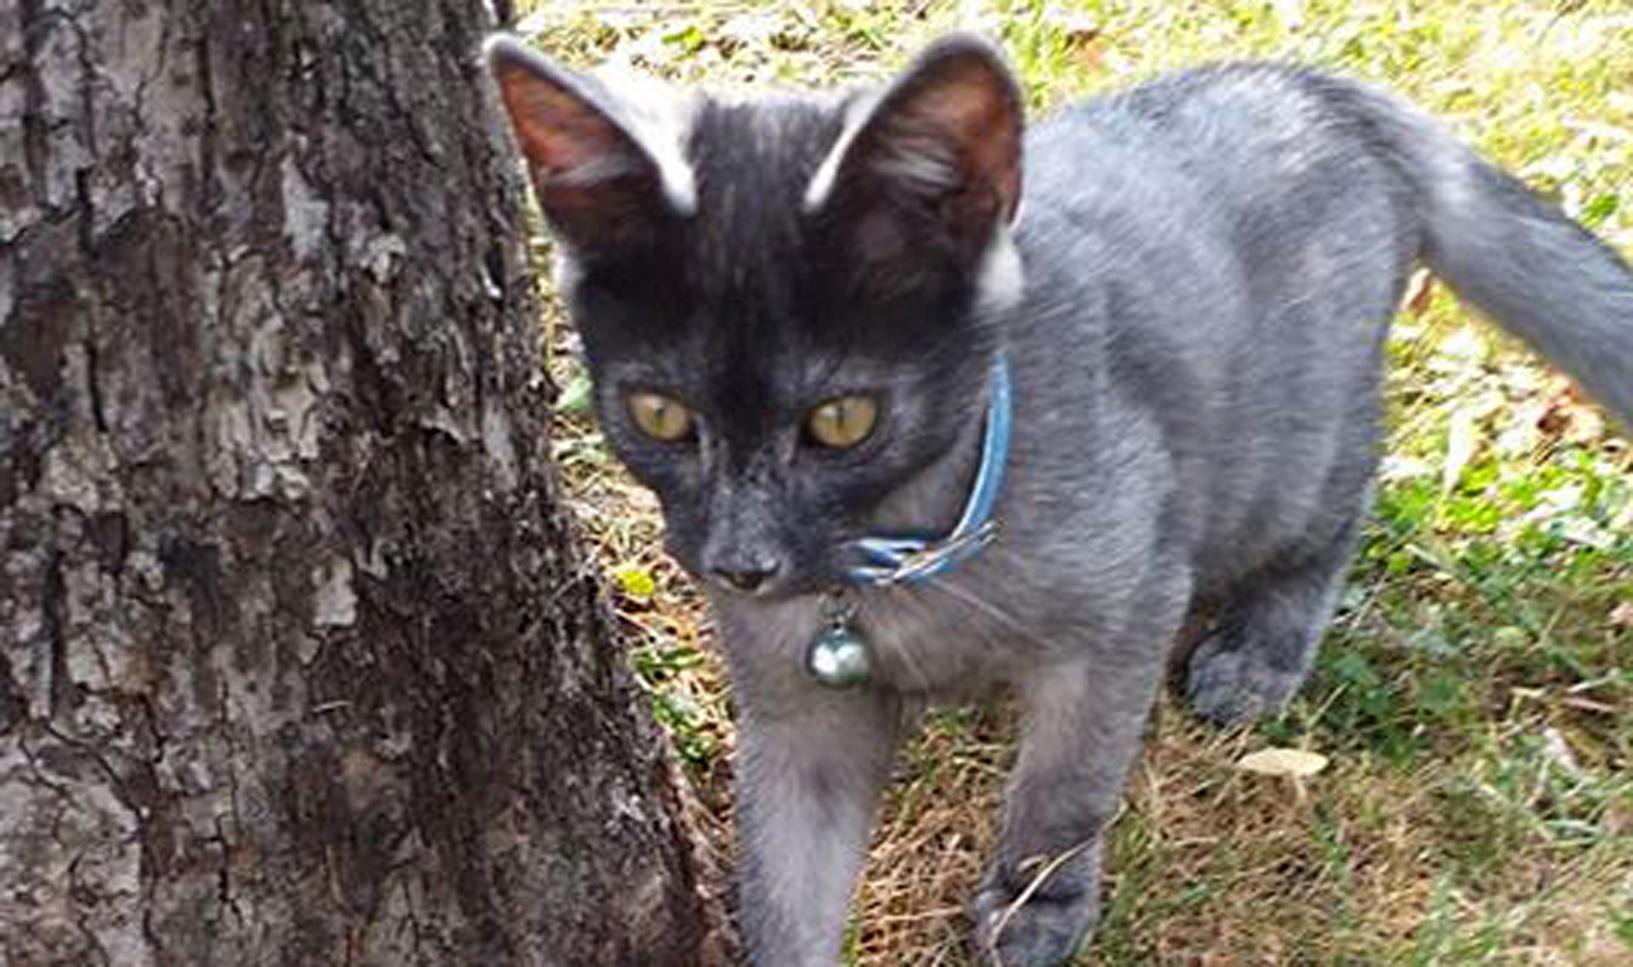 Szukamy właściciela małego kotka  AKTUALIZACJA   - Zdjęcie główne